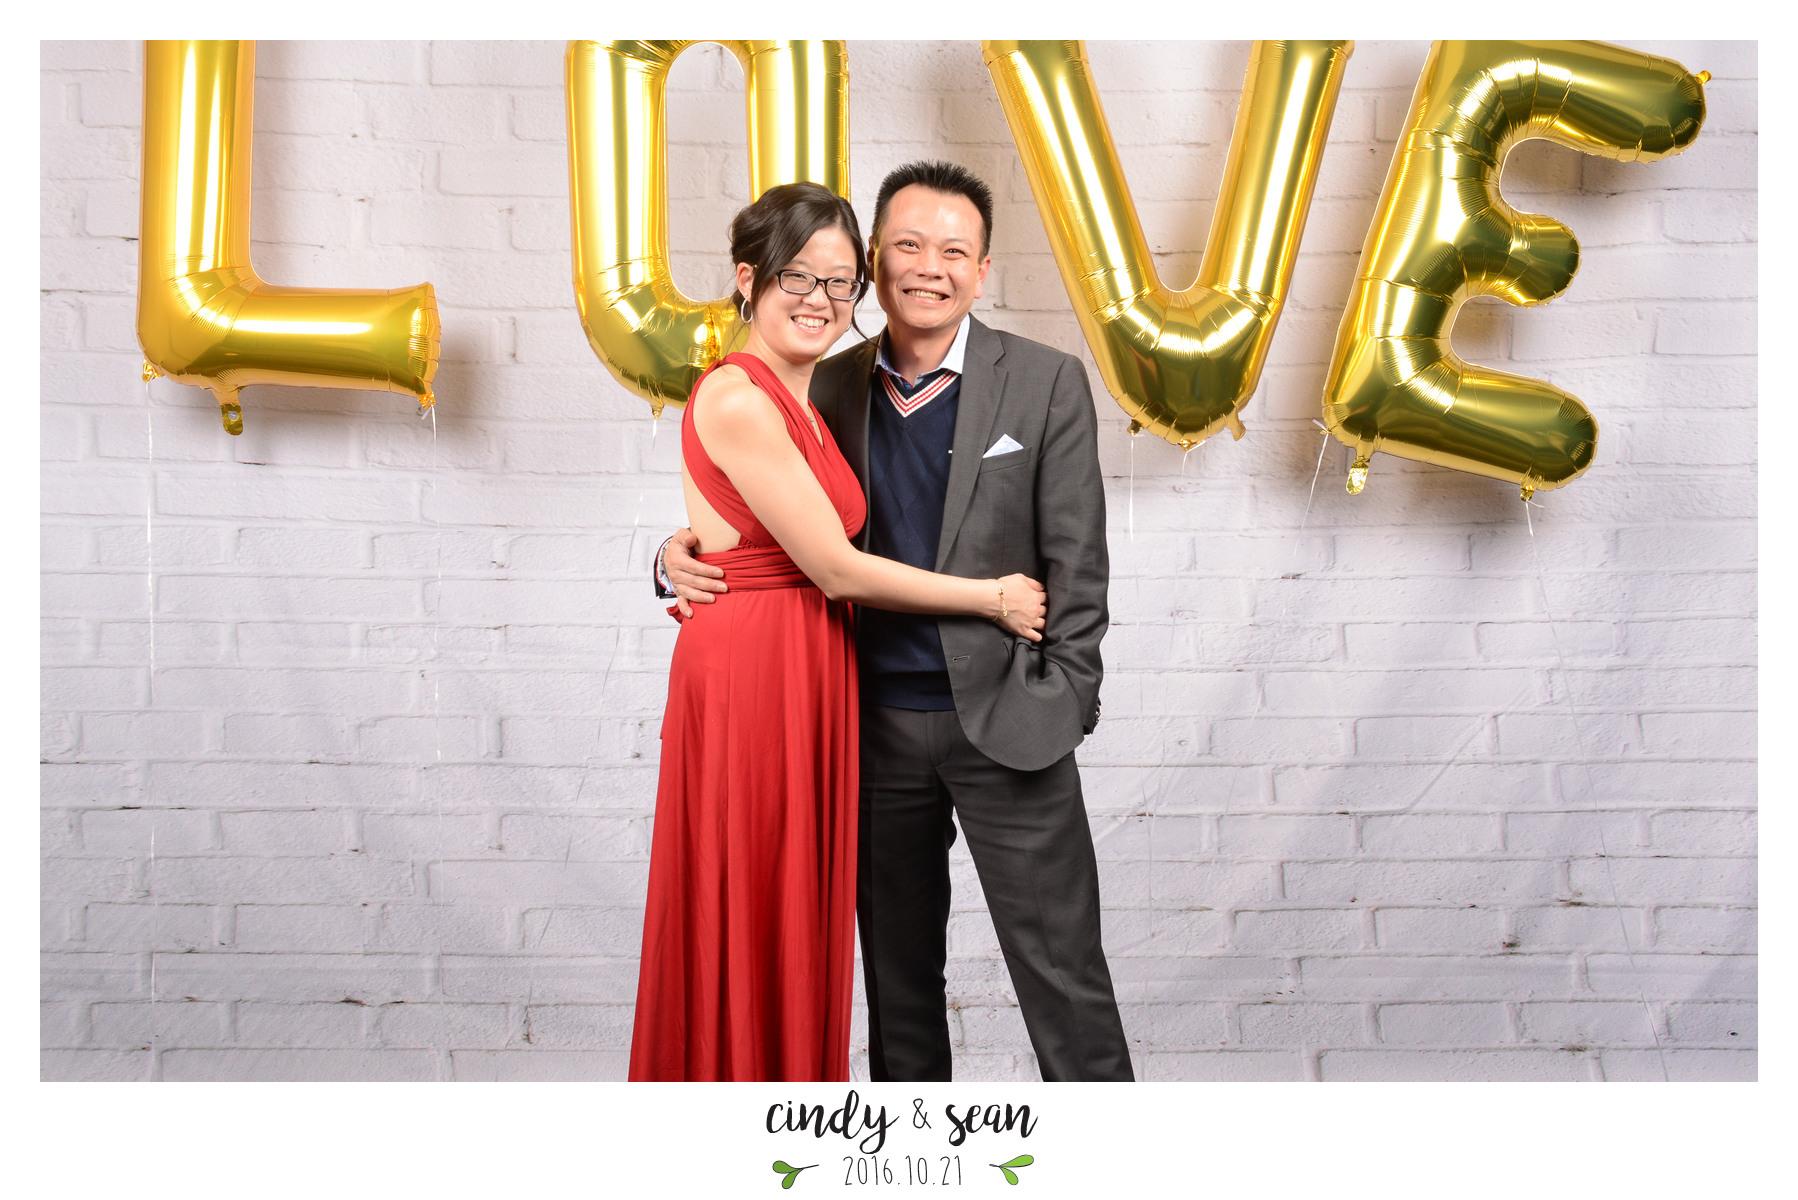 Cindy Sean Bae - 0001-4.jpg